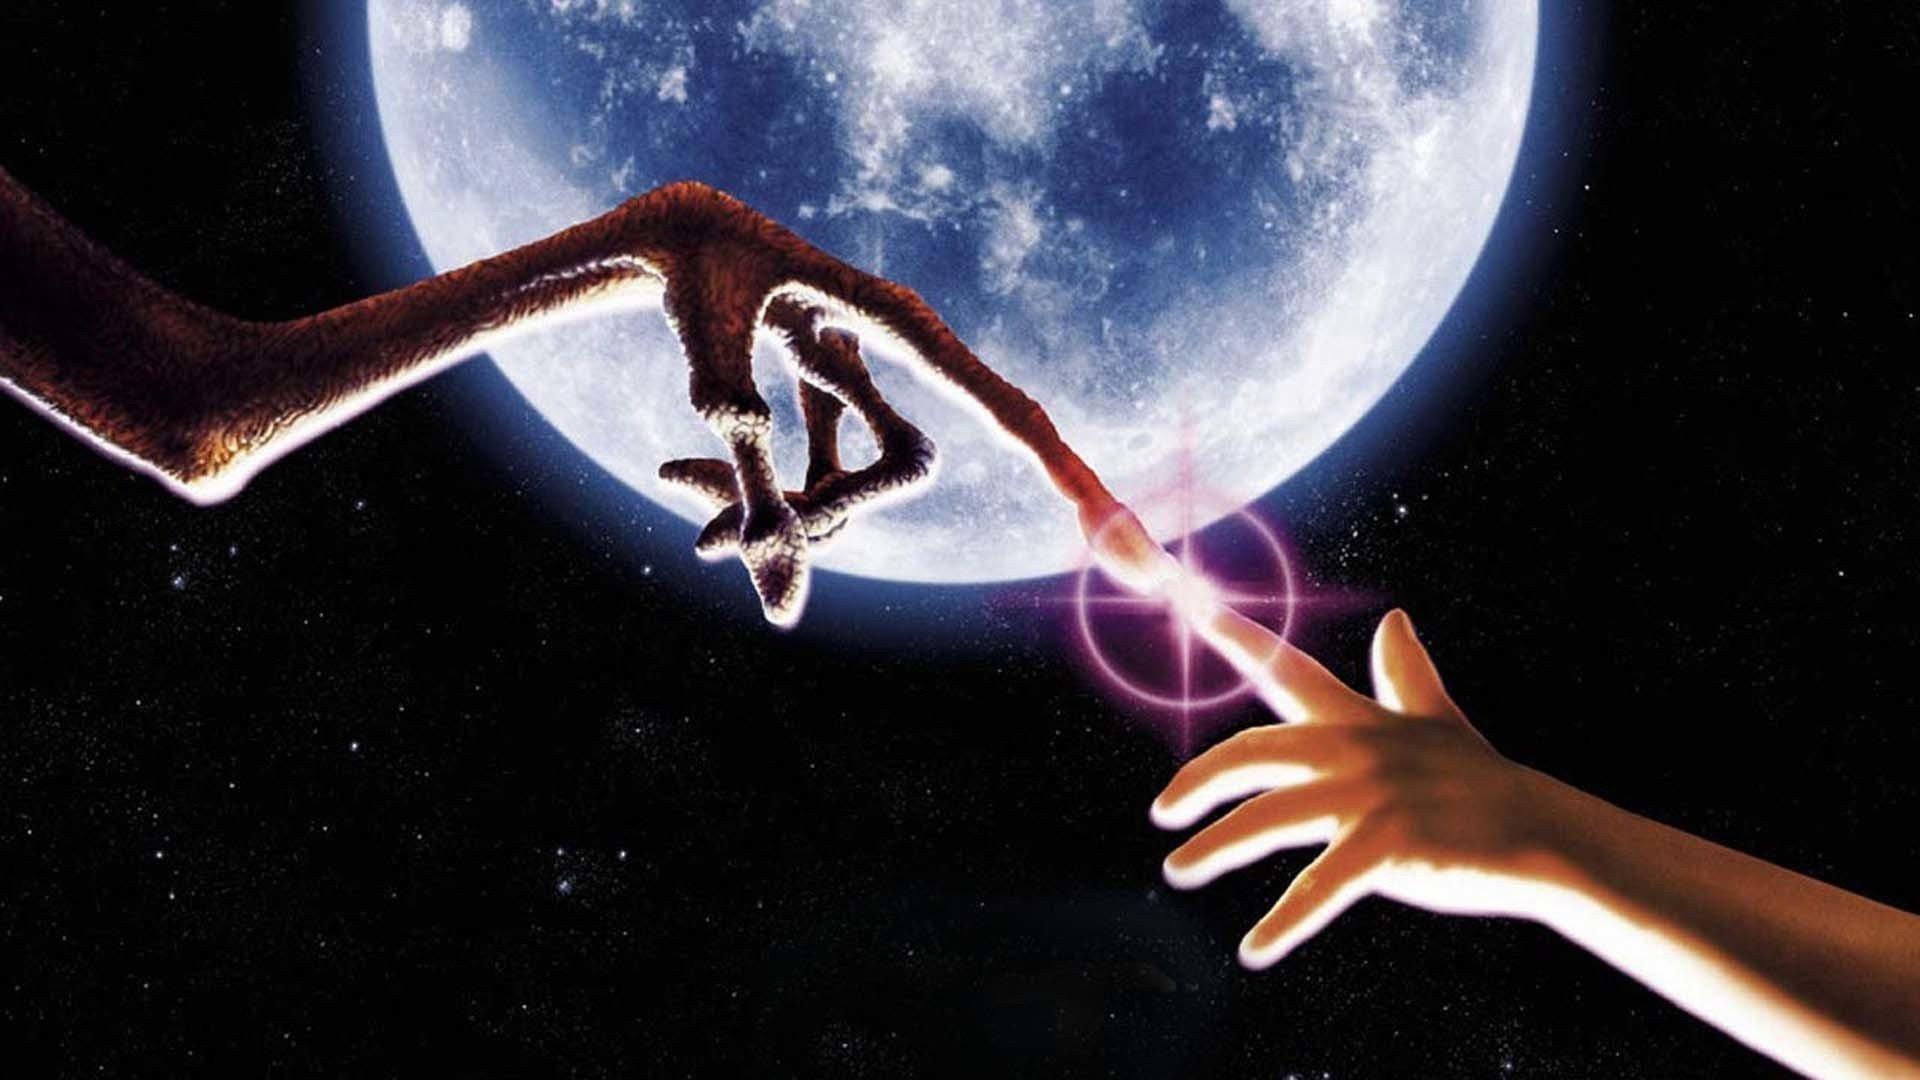 Раскрыто предназначение посланий землян к внеземным цивилизациям